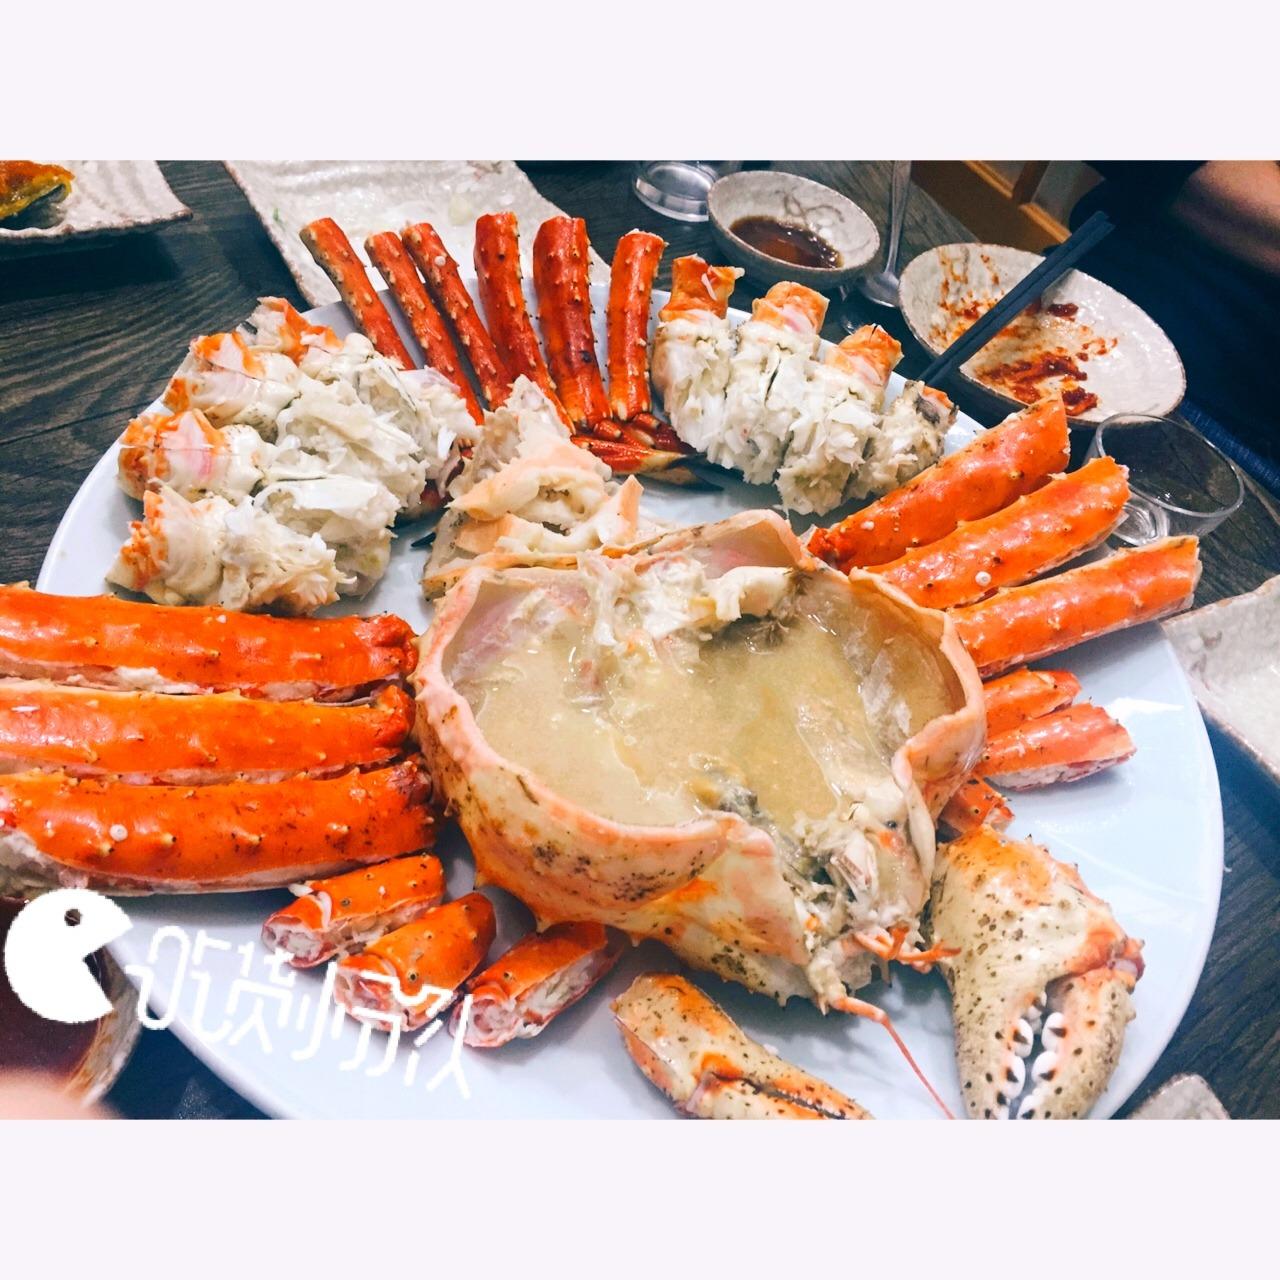 #吃货小分队##悉尼##美食18大全球广场##帝东莞广美食品饮料图片